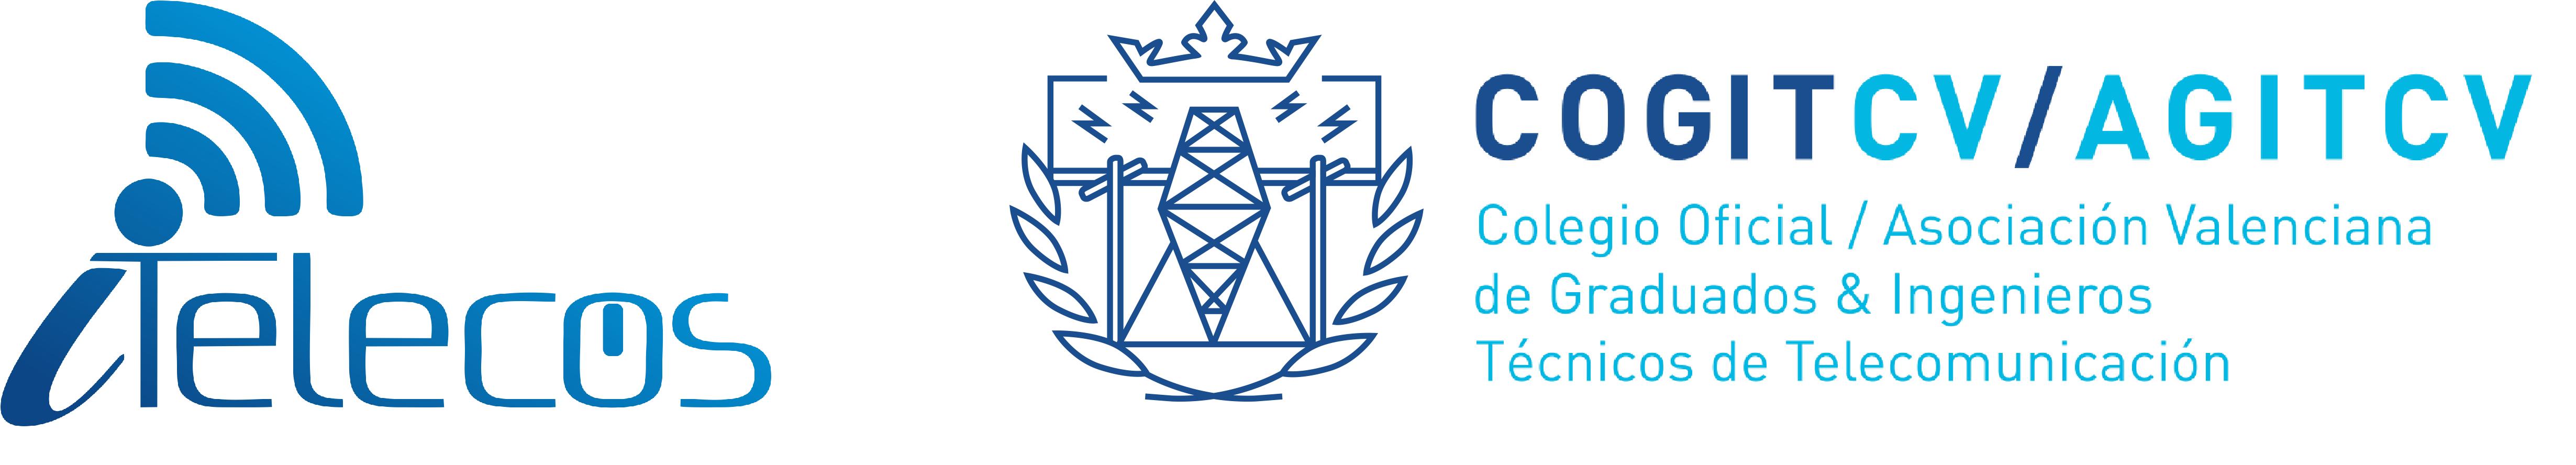 logos ielecos Cogitcv